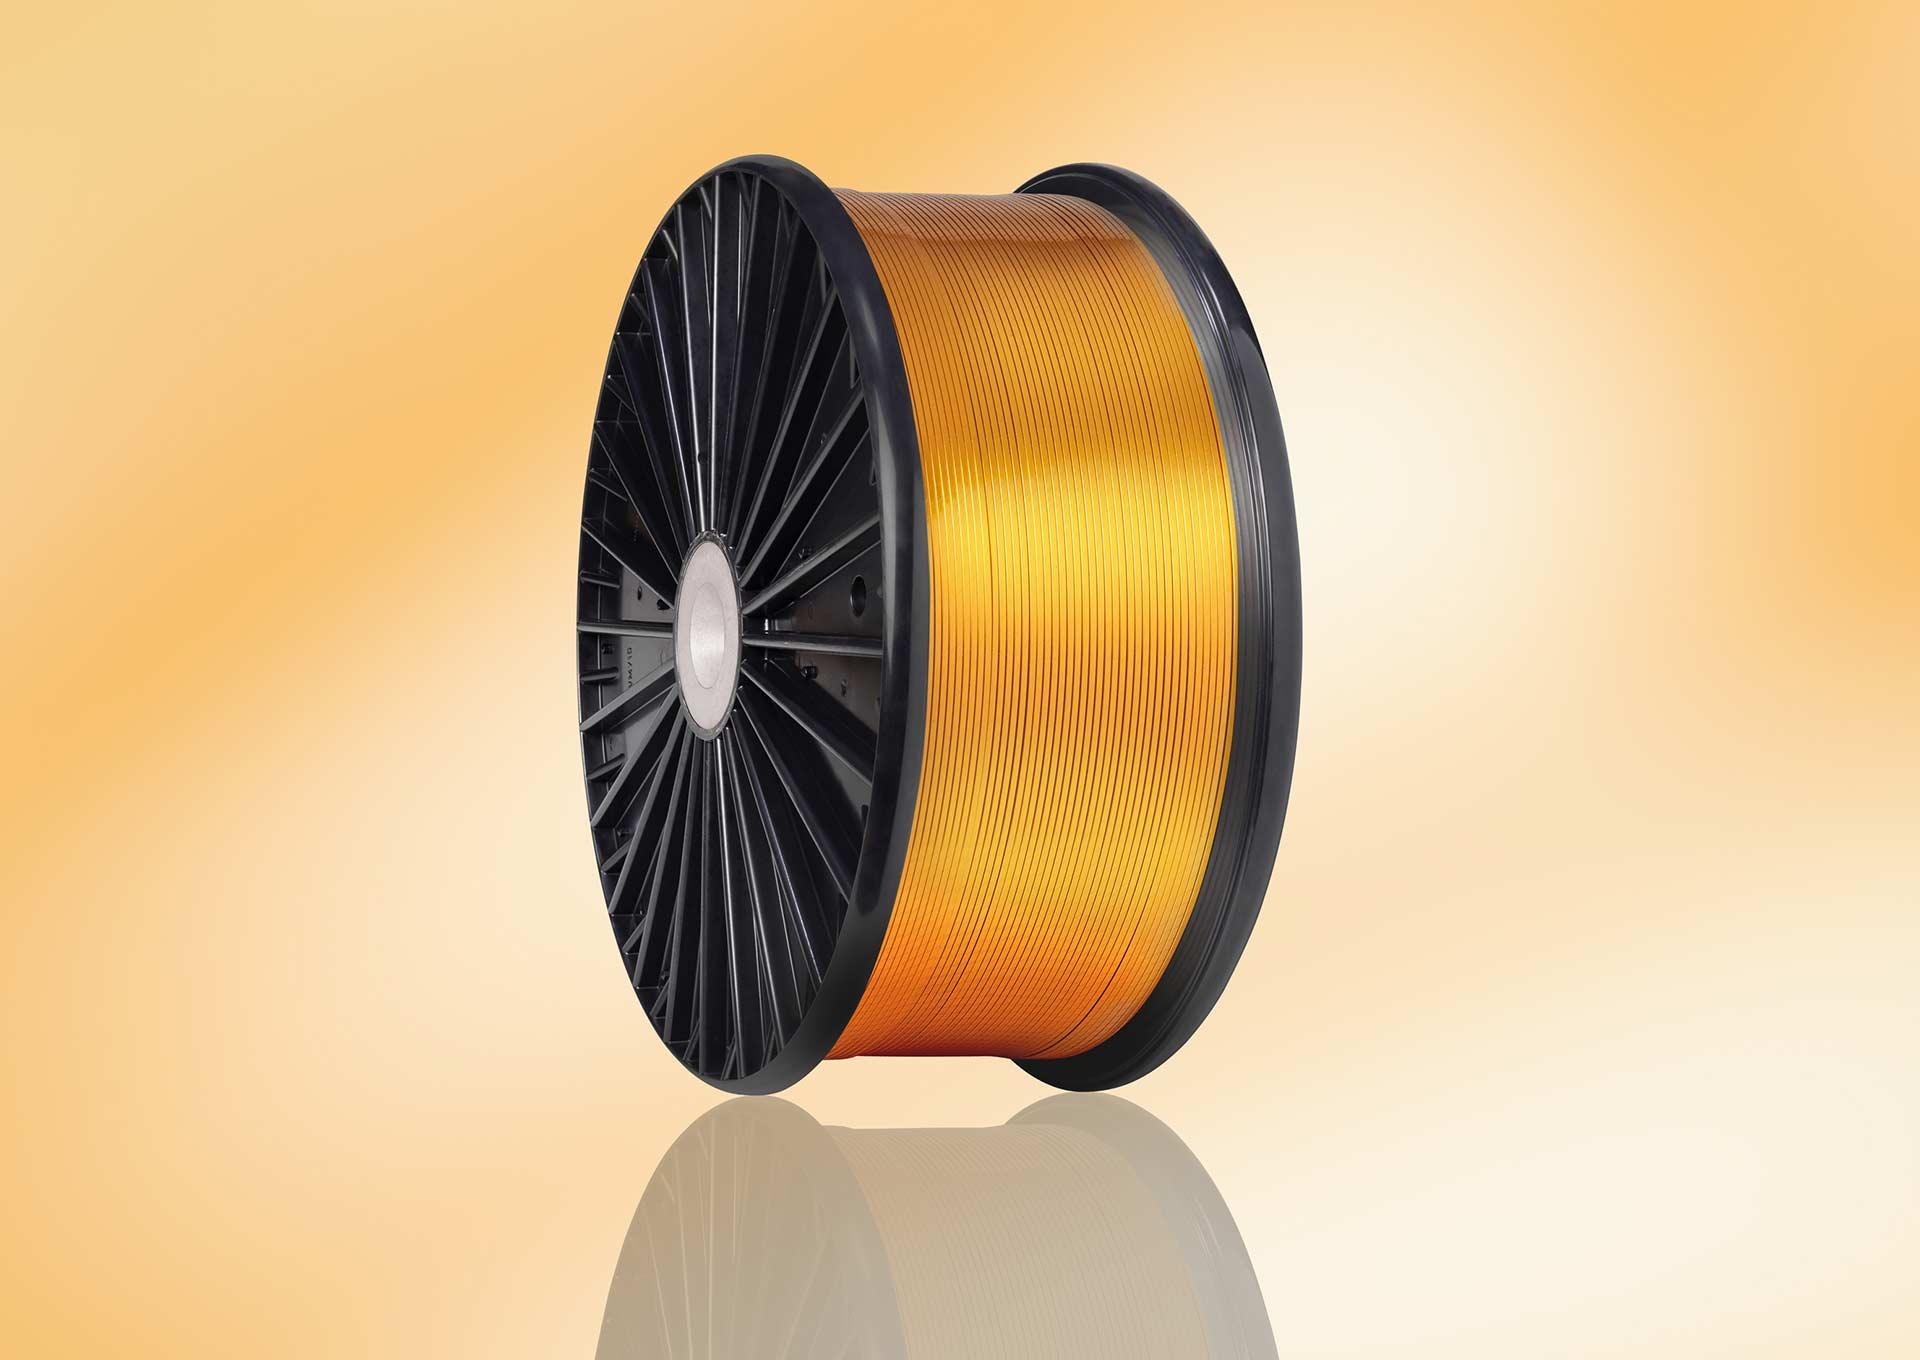 Winding wires | Gebauer & Griller